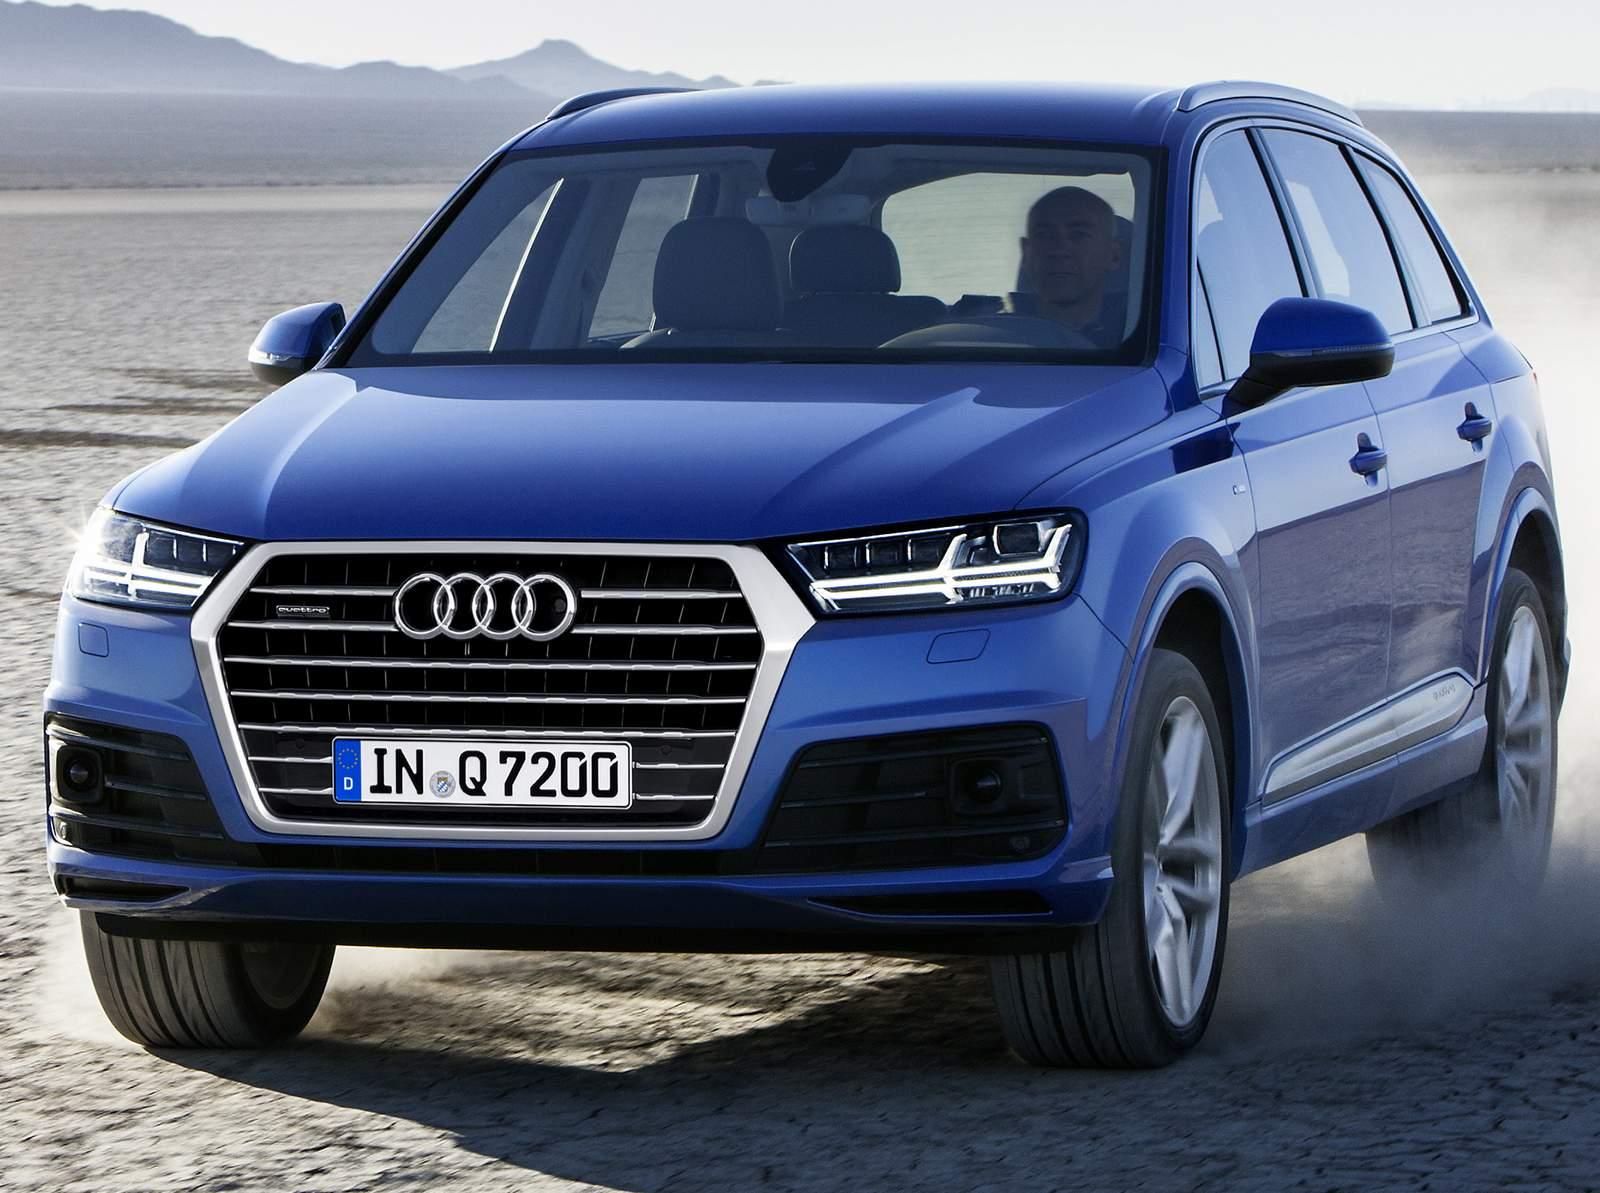 Novo Audi Q7 2015